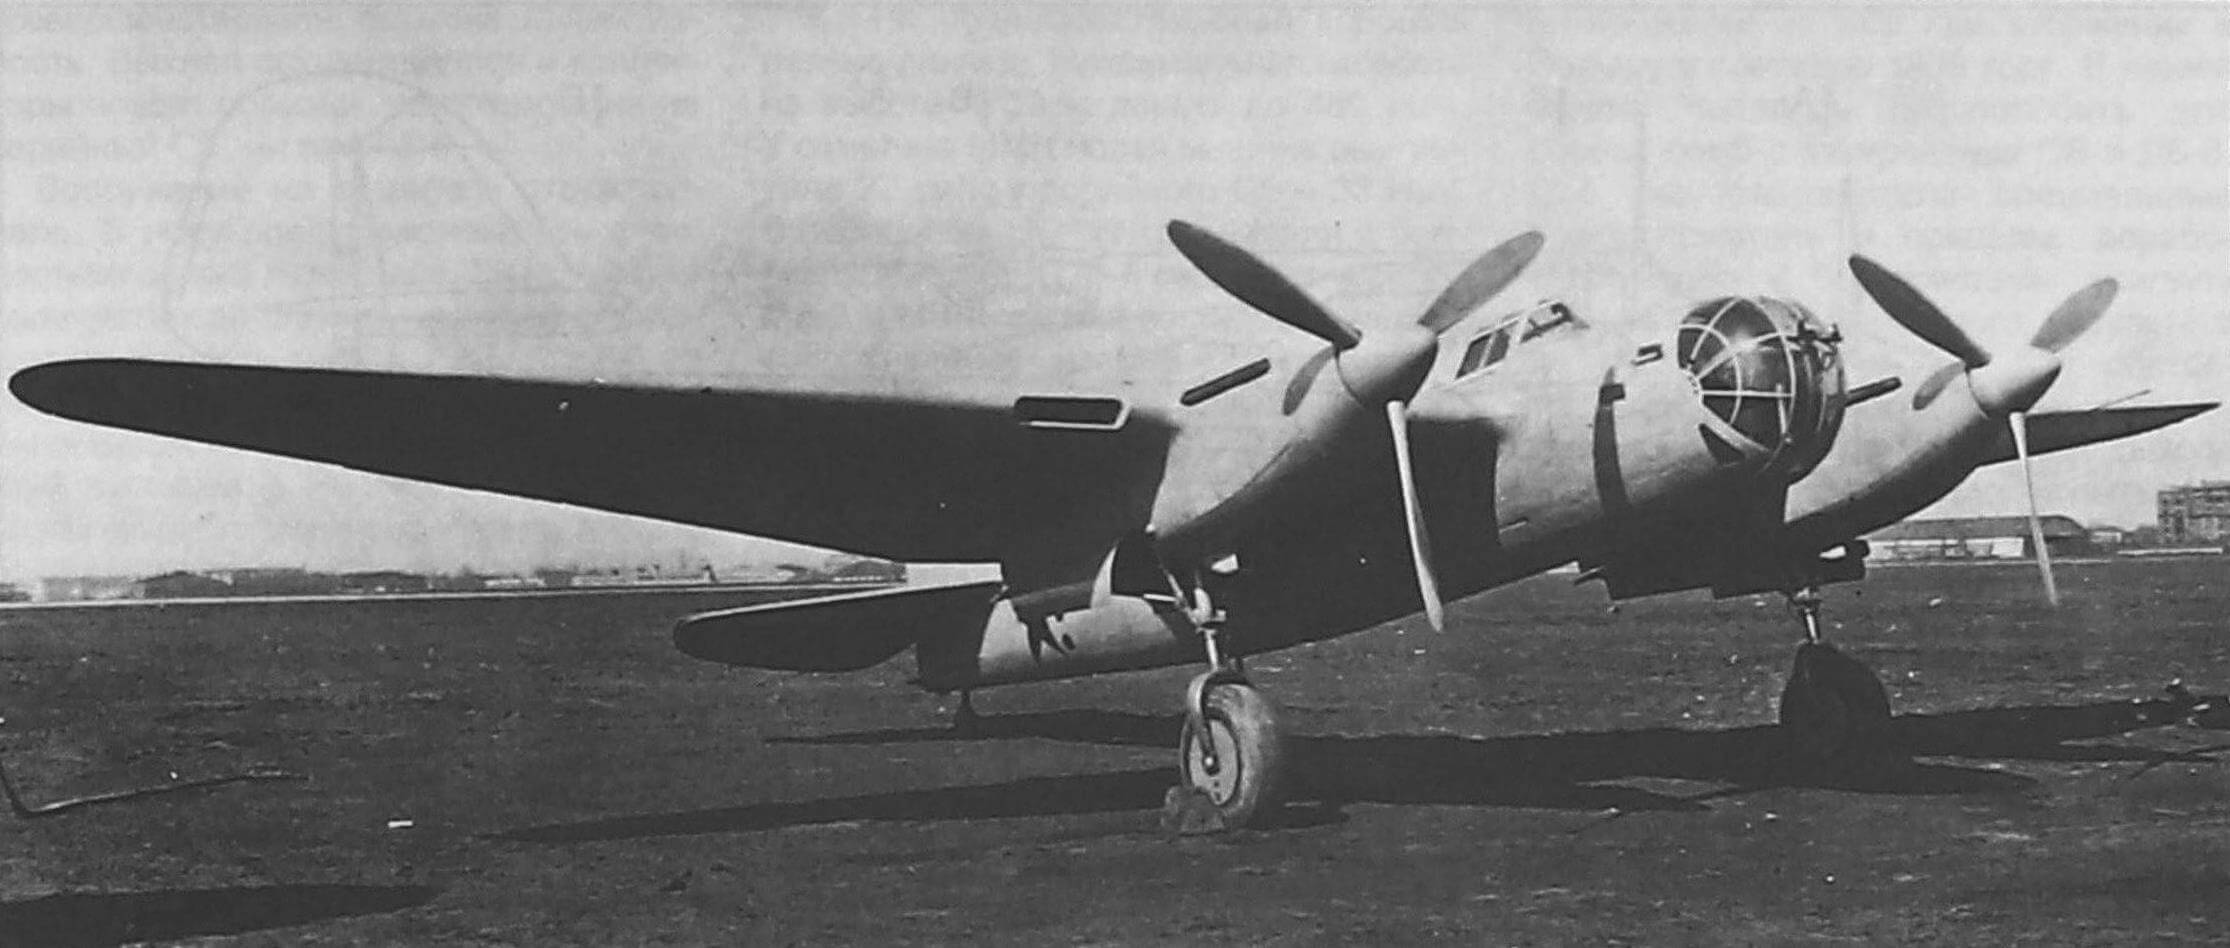 СБ-РК №2/281 на испытаниях в НИИ ВВС, май 1940 года